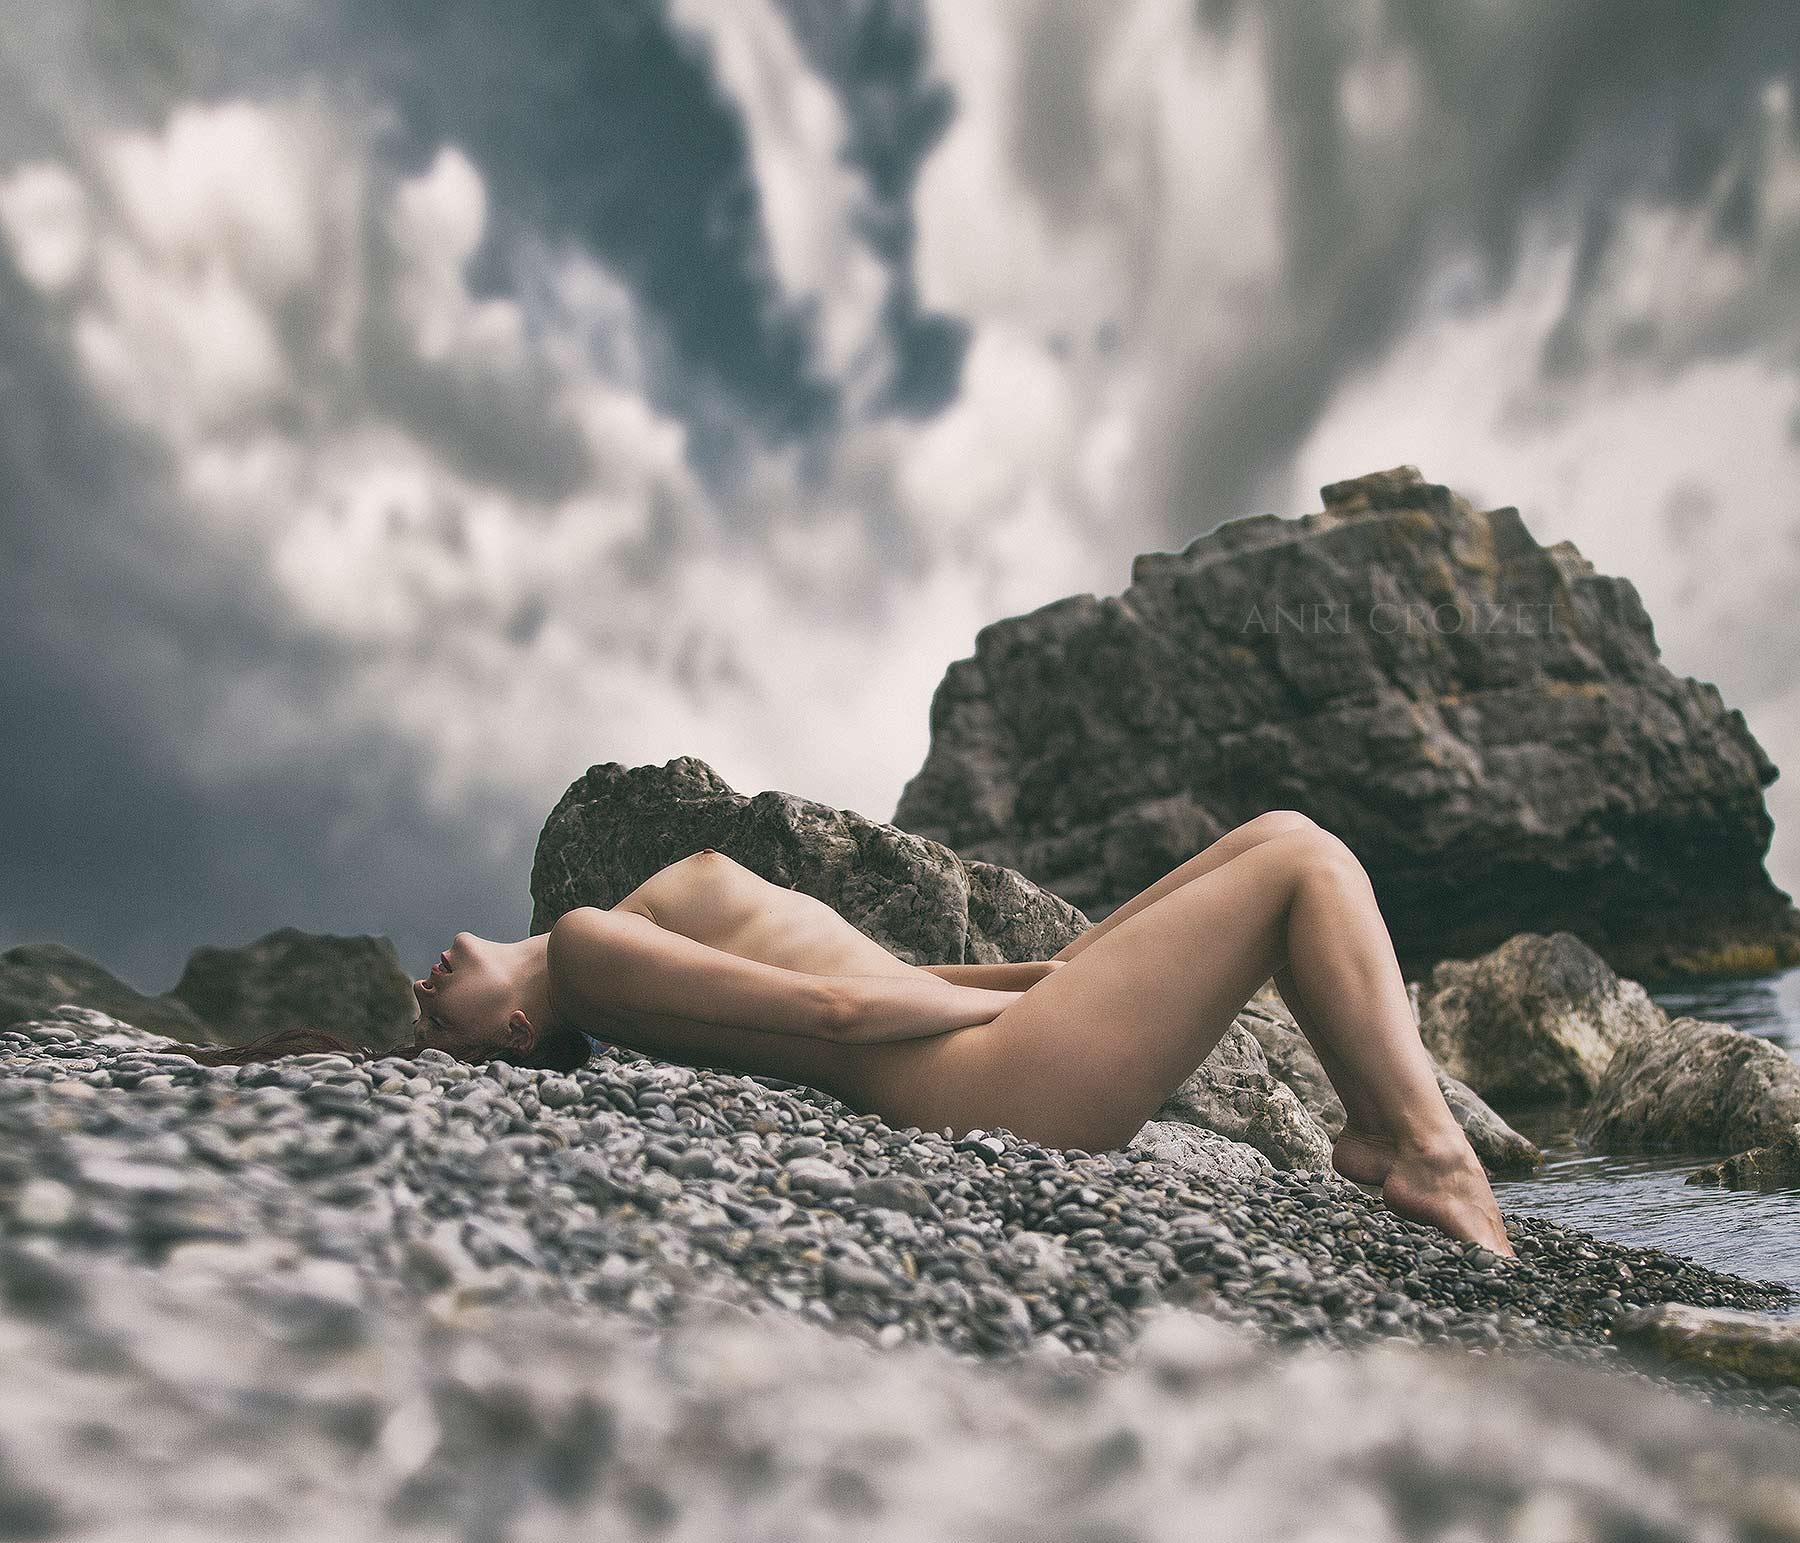 ню, портрет, модель, крым, море, Анри Круазе